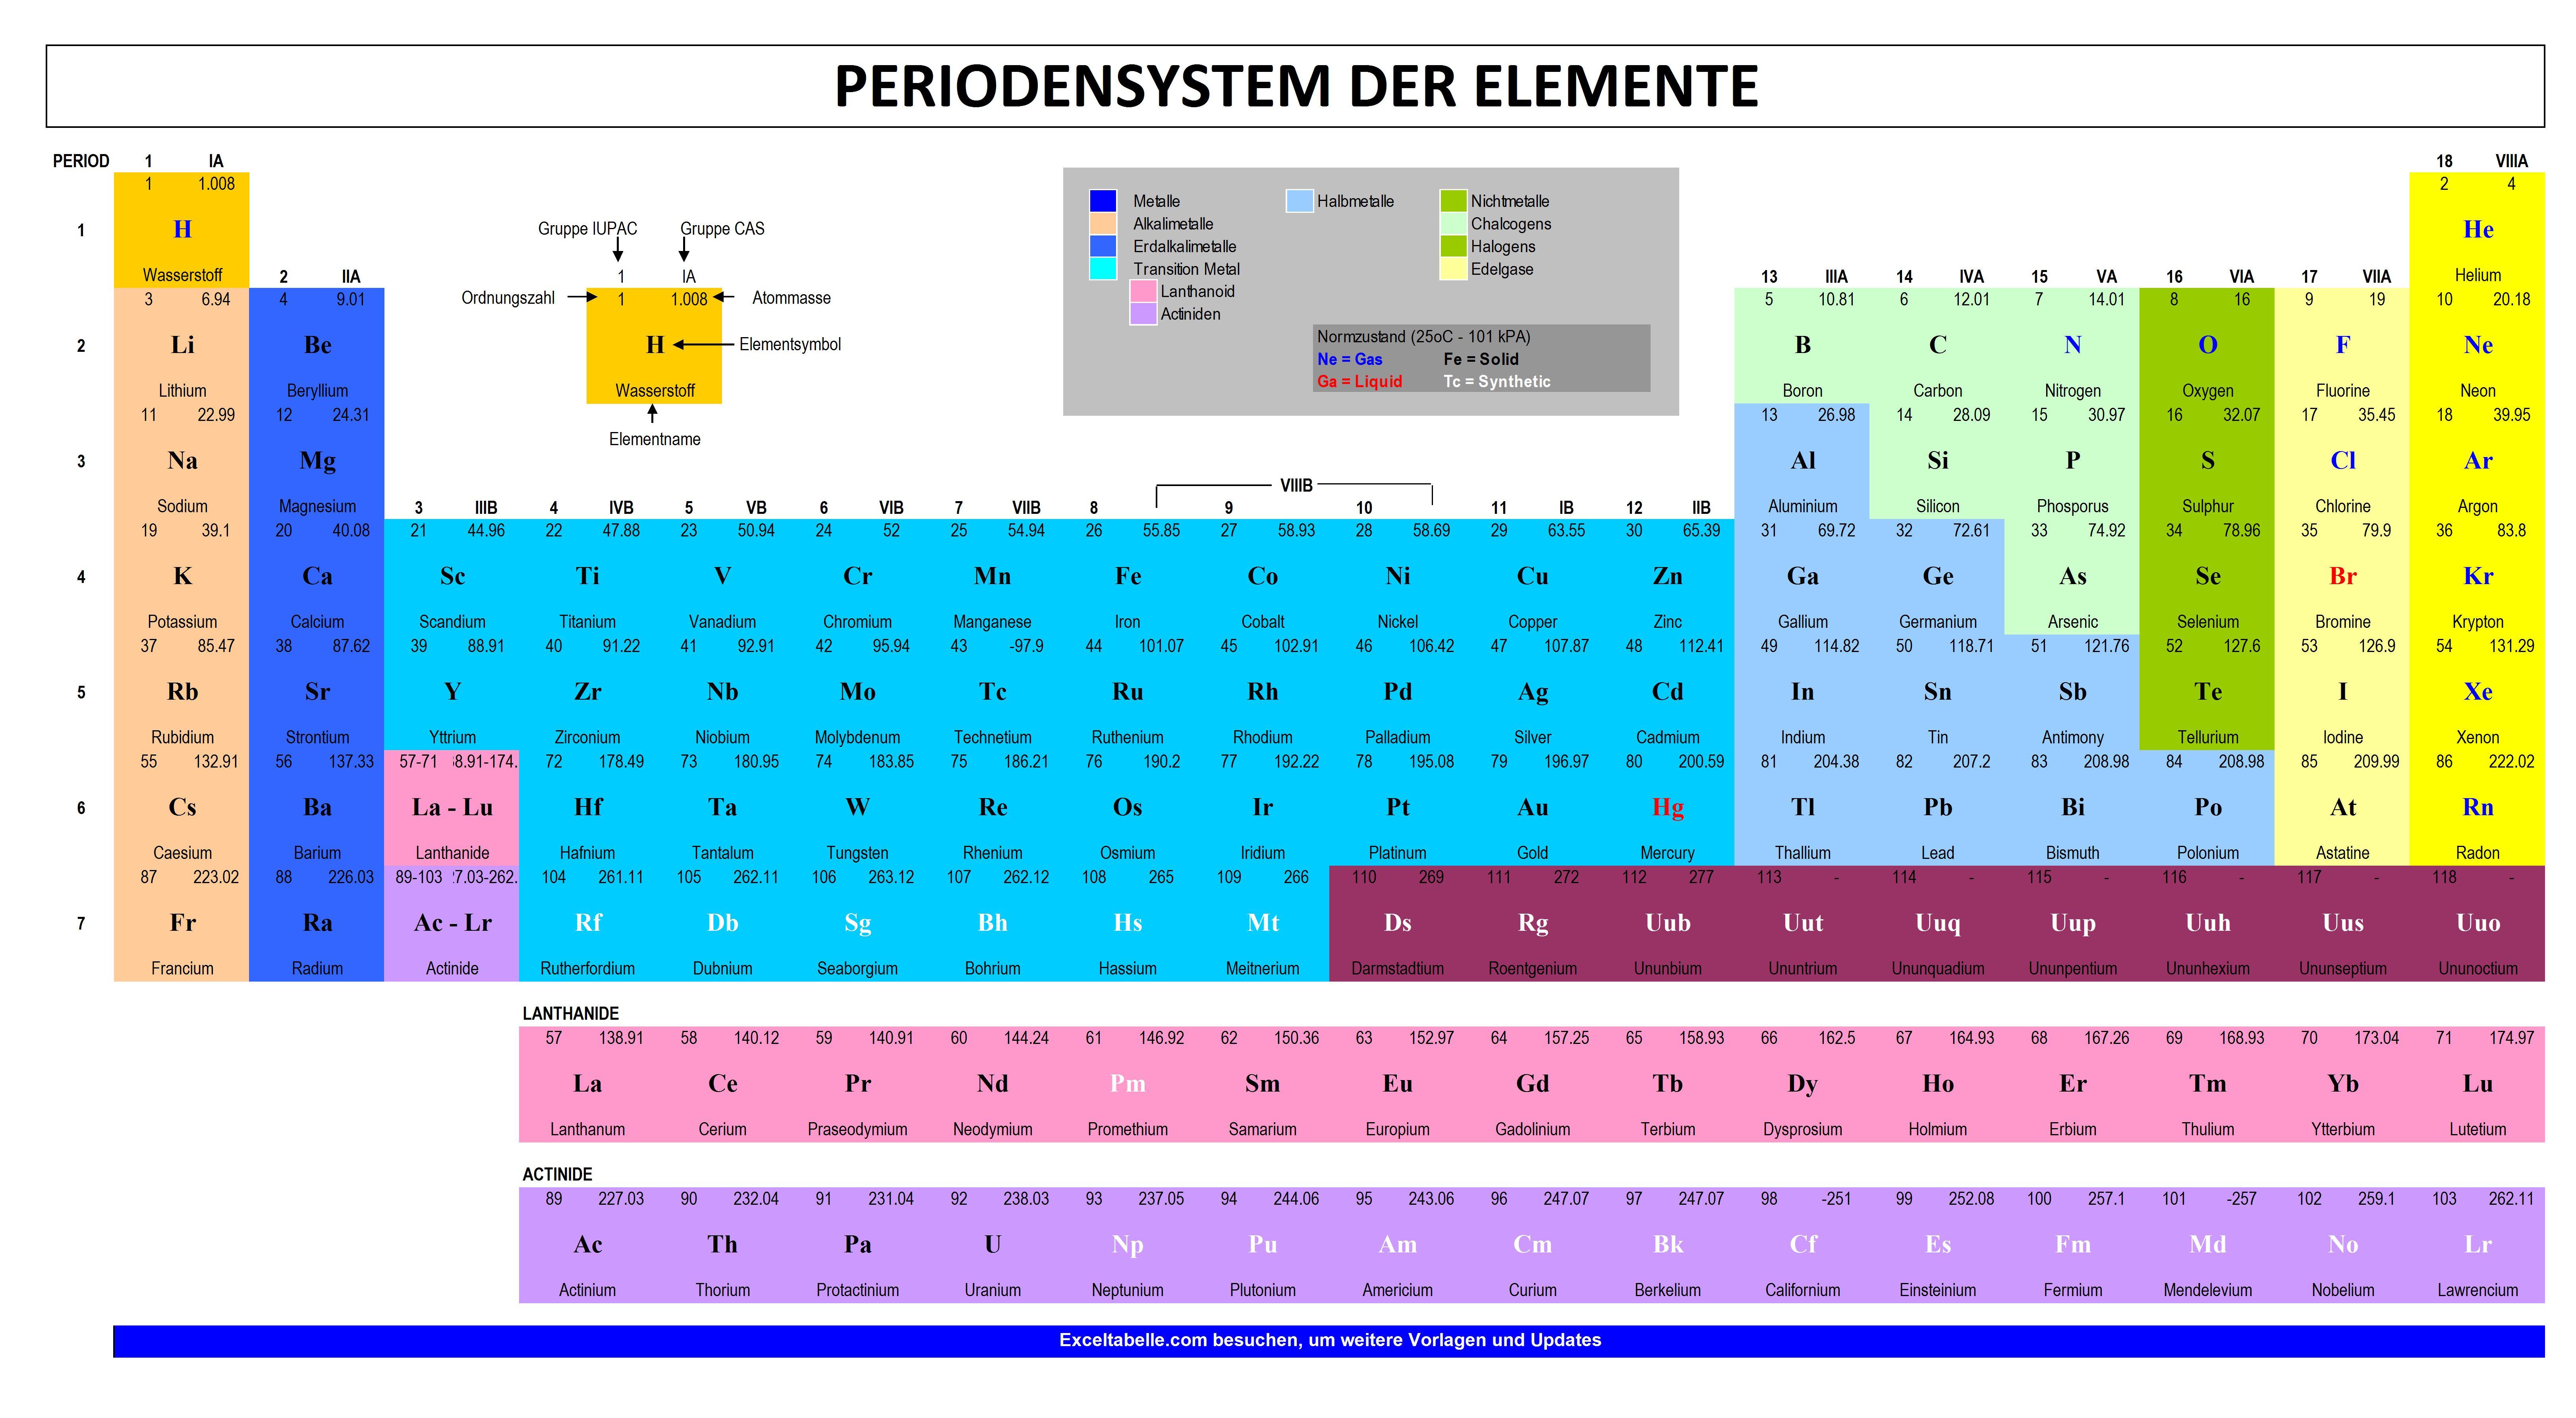 Periodensystem-der-Elemente